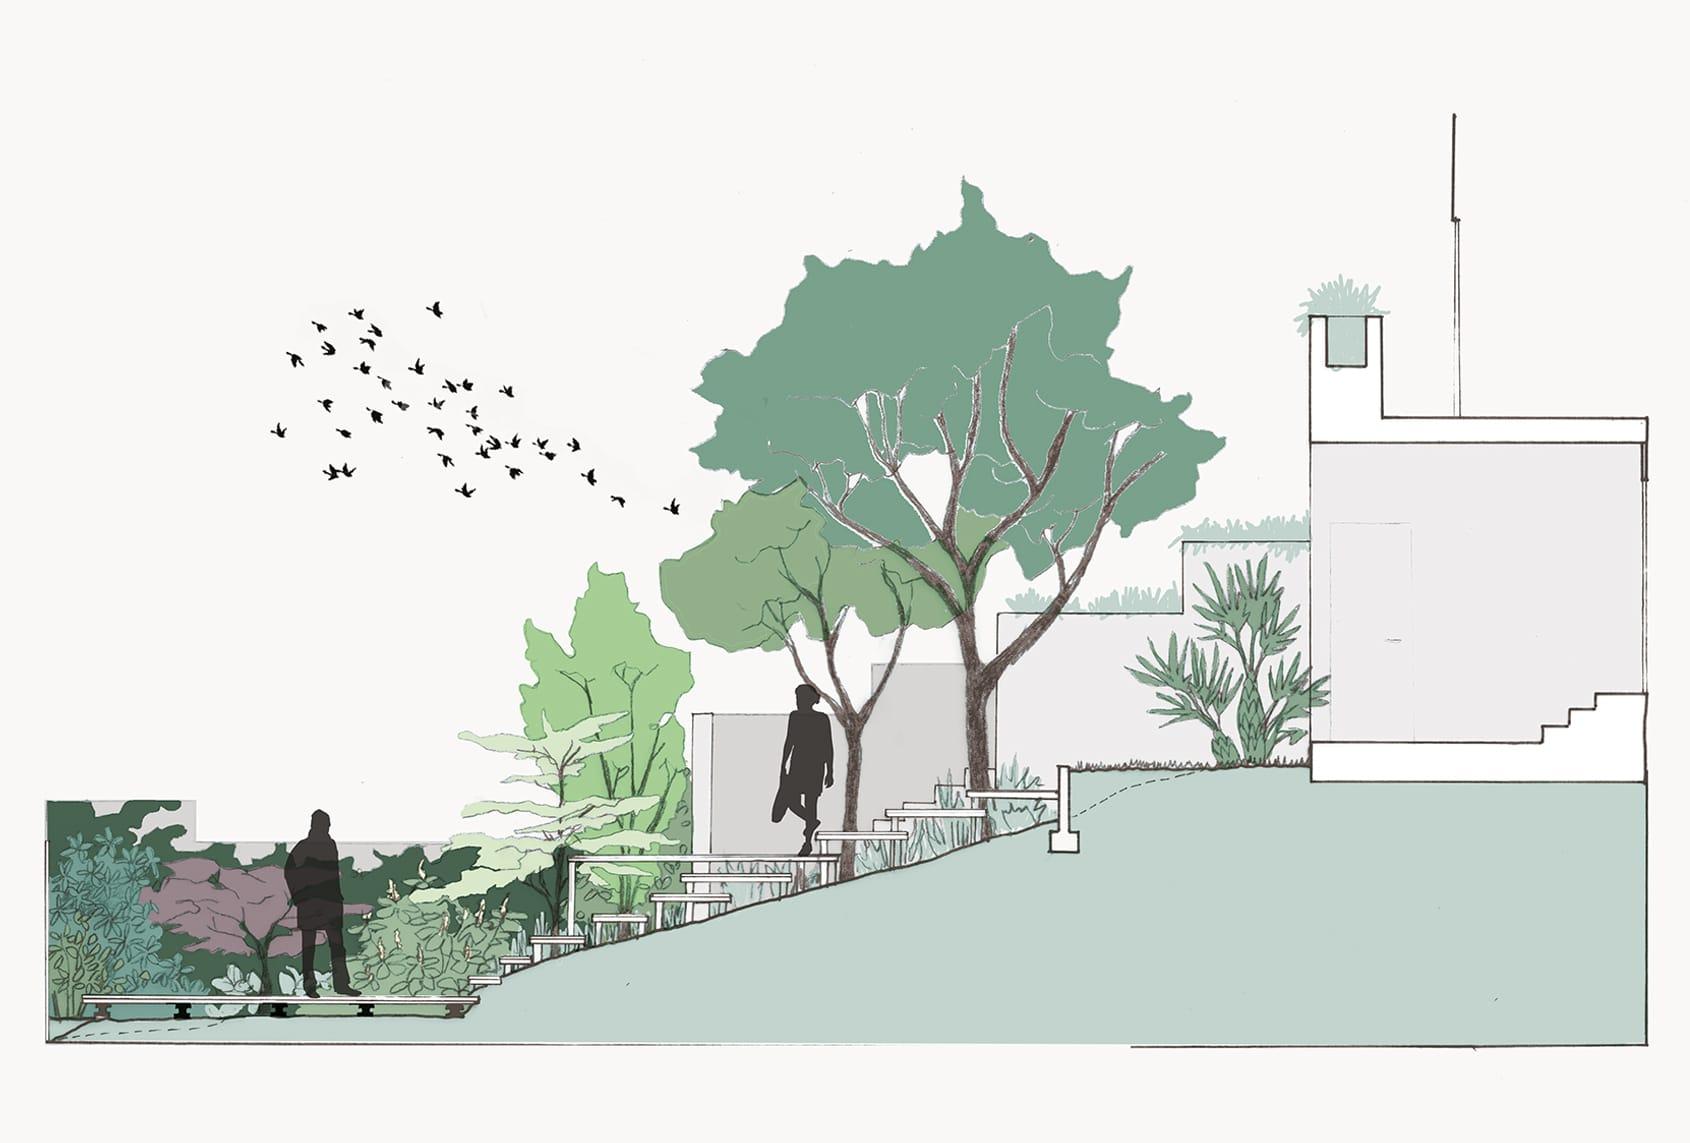 02_Nordscape-plan-coupe-esquisse-jardin